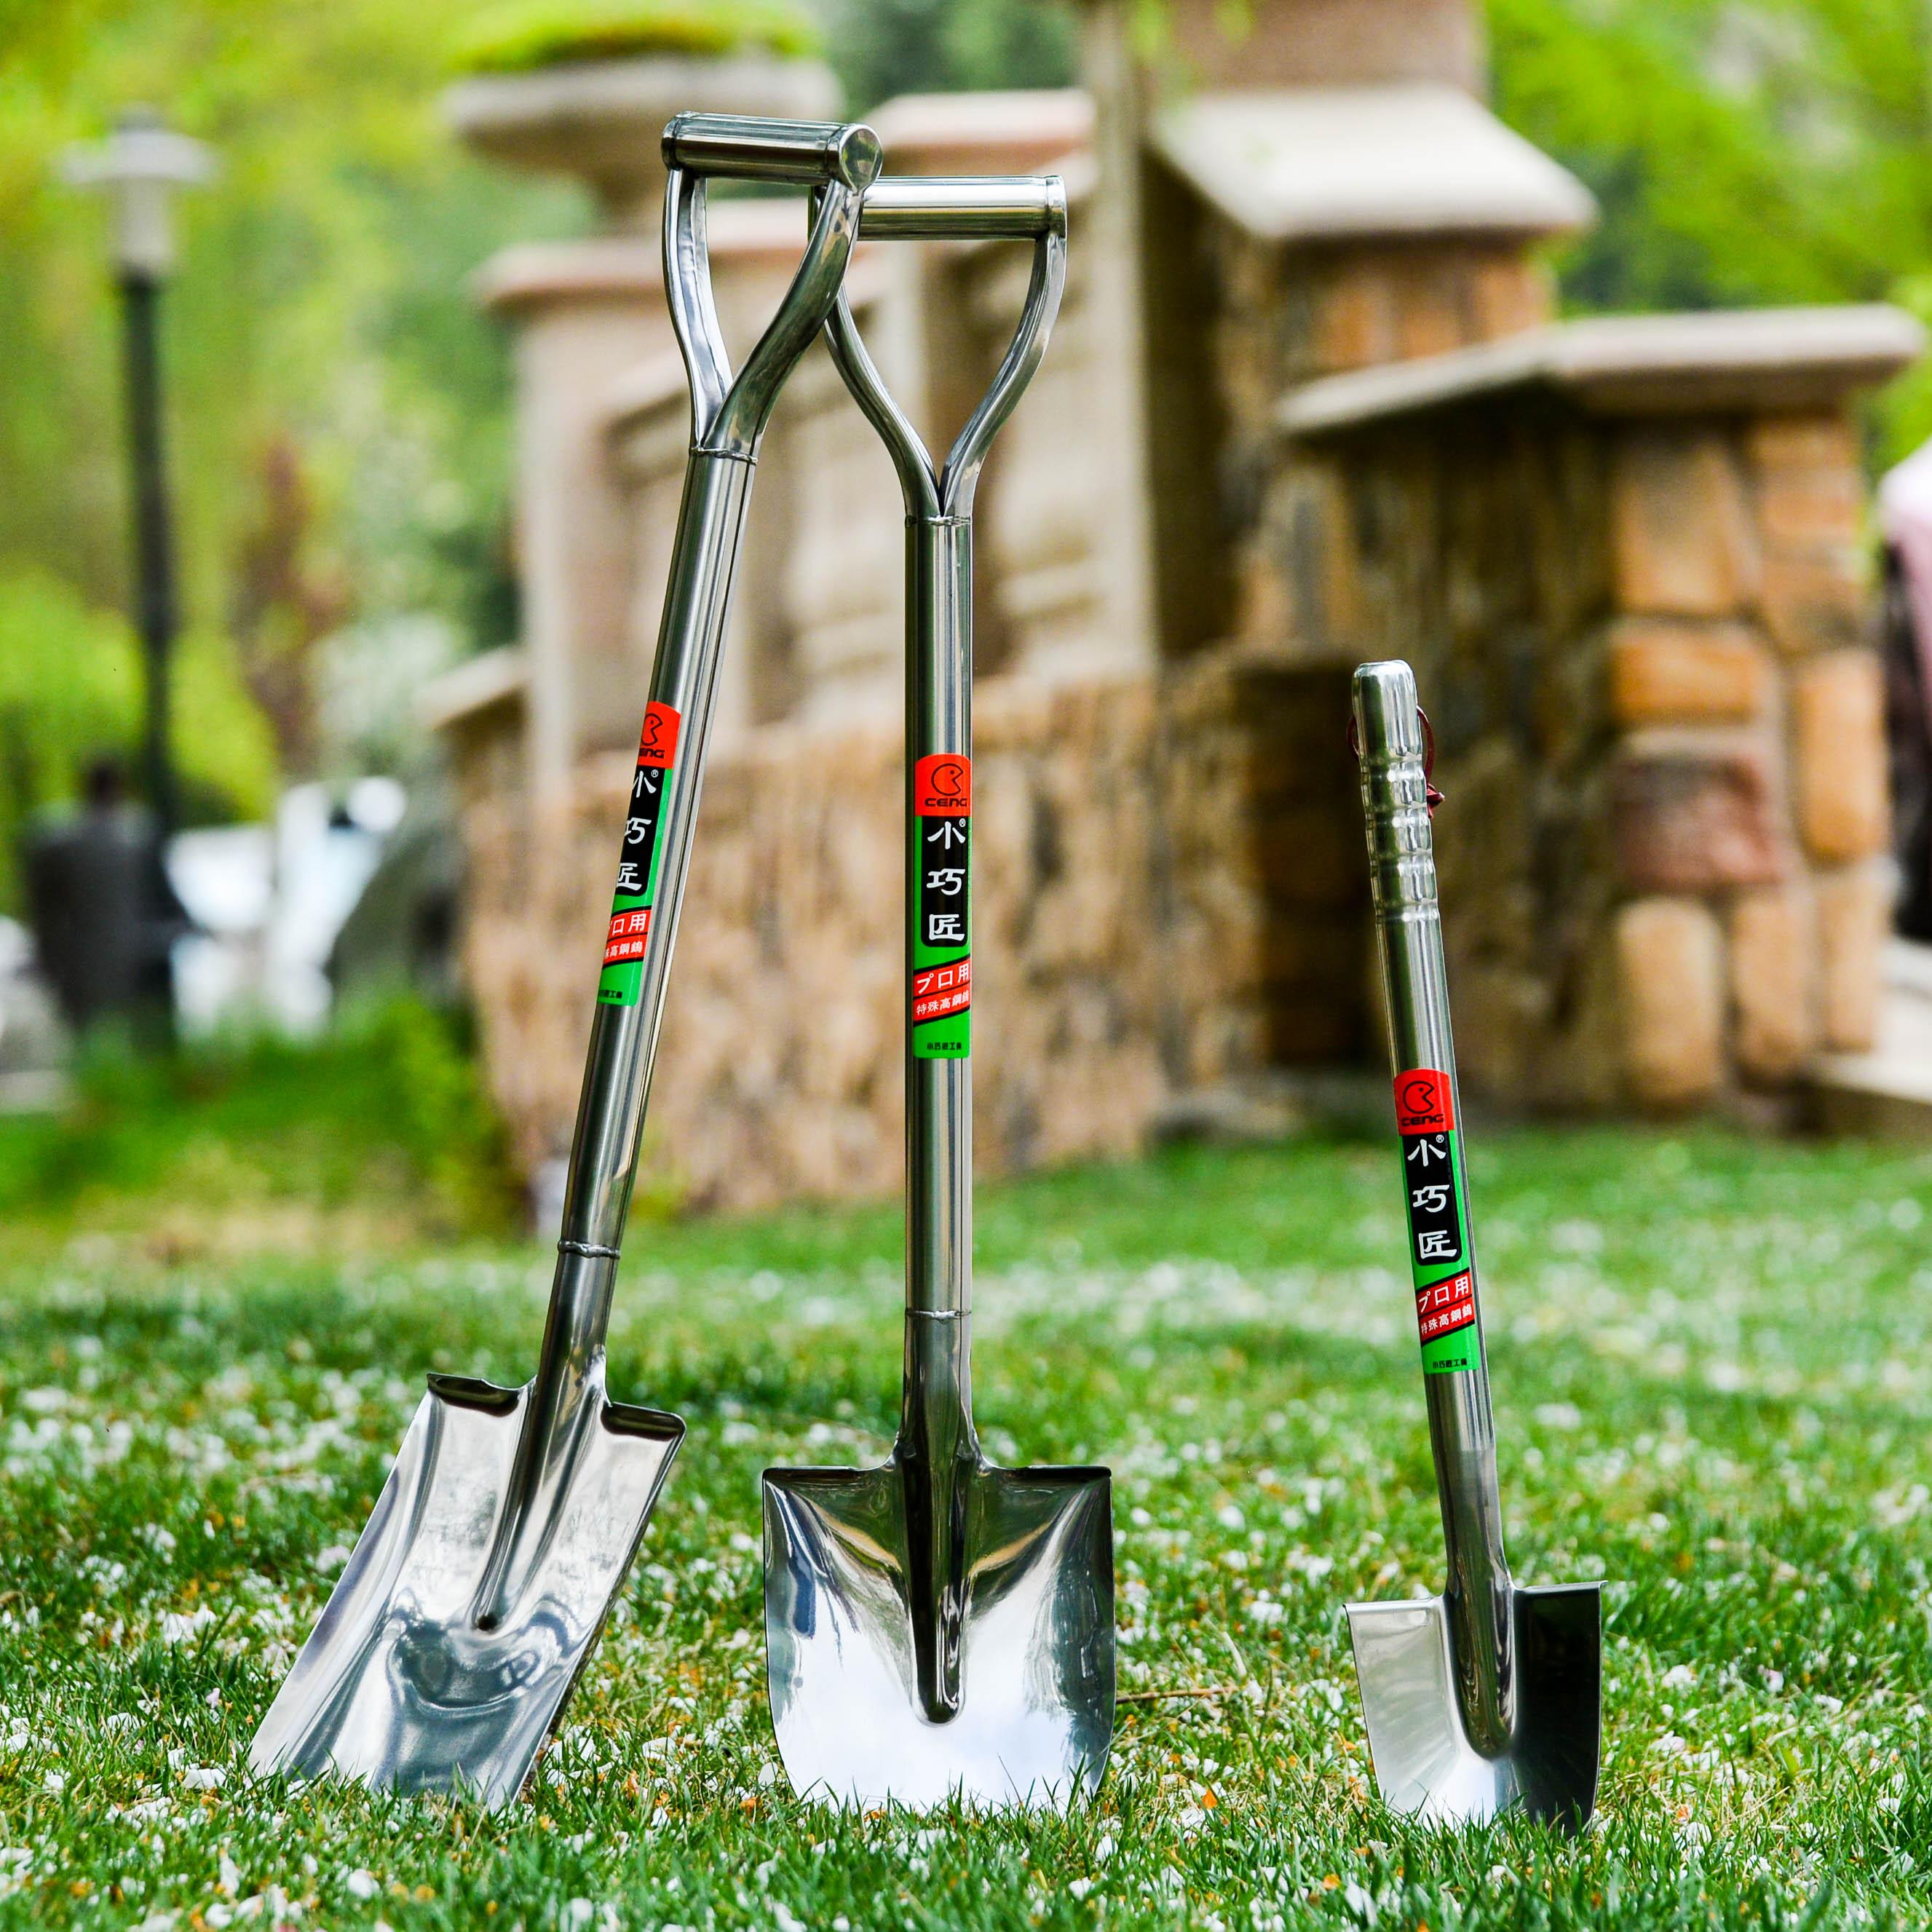 精品不锈钢铁锹不锈钢铲子园艺小铲子铁铲车载铲头家庭用具